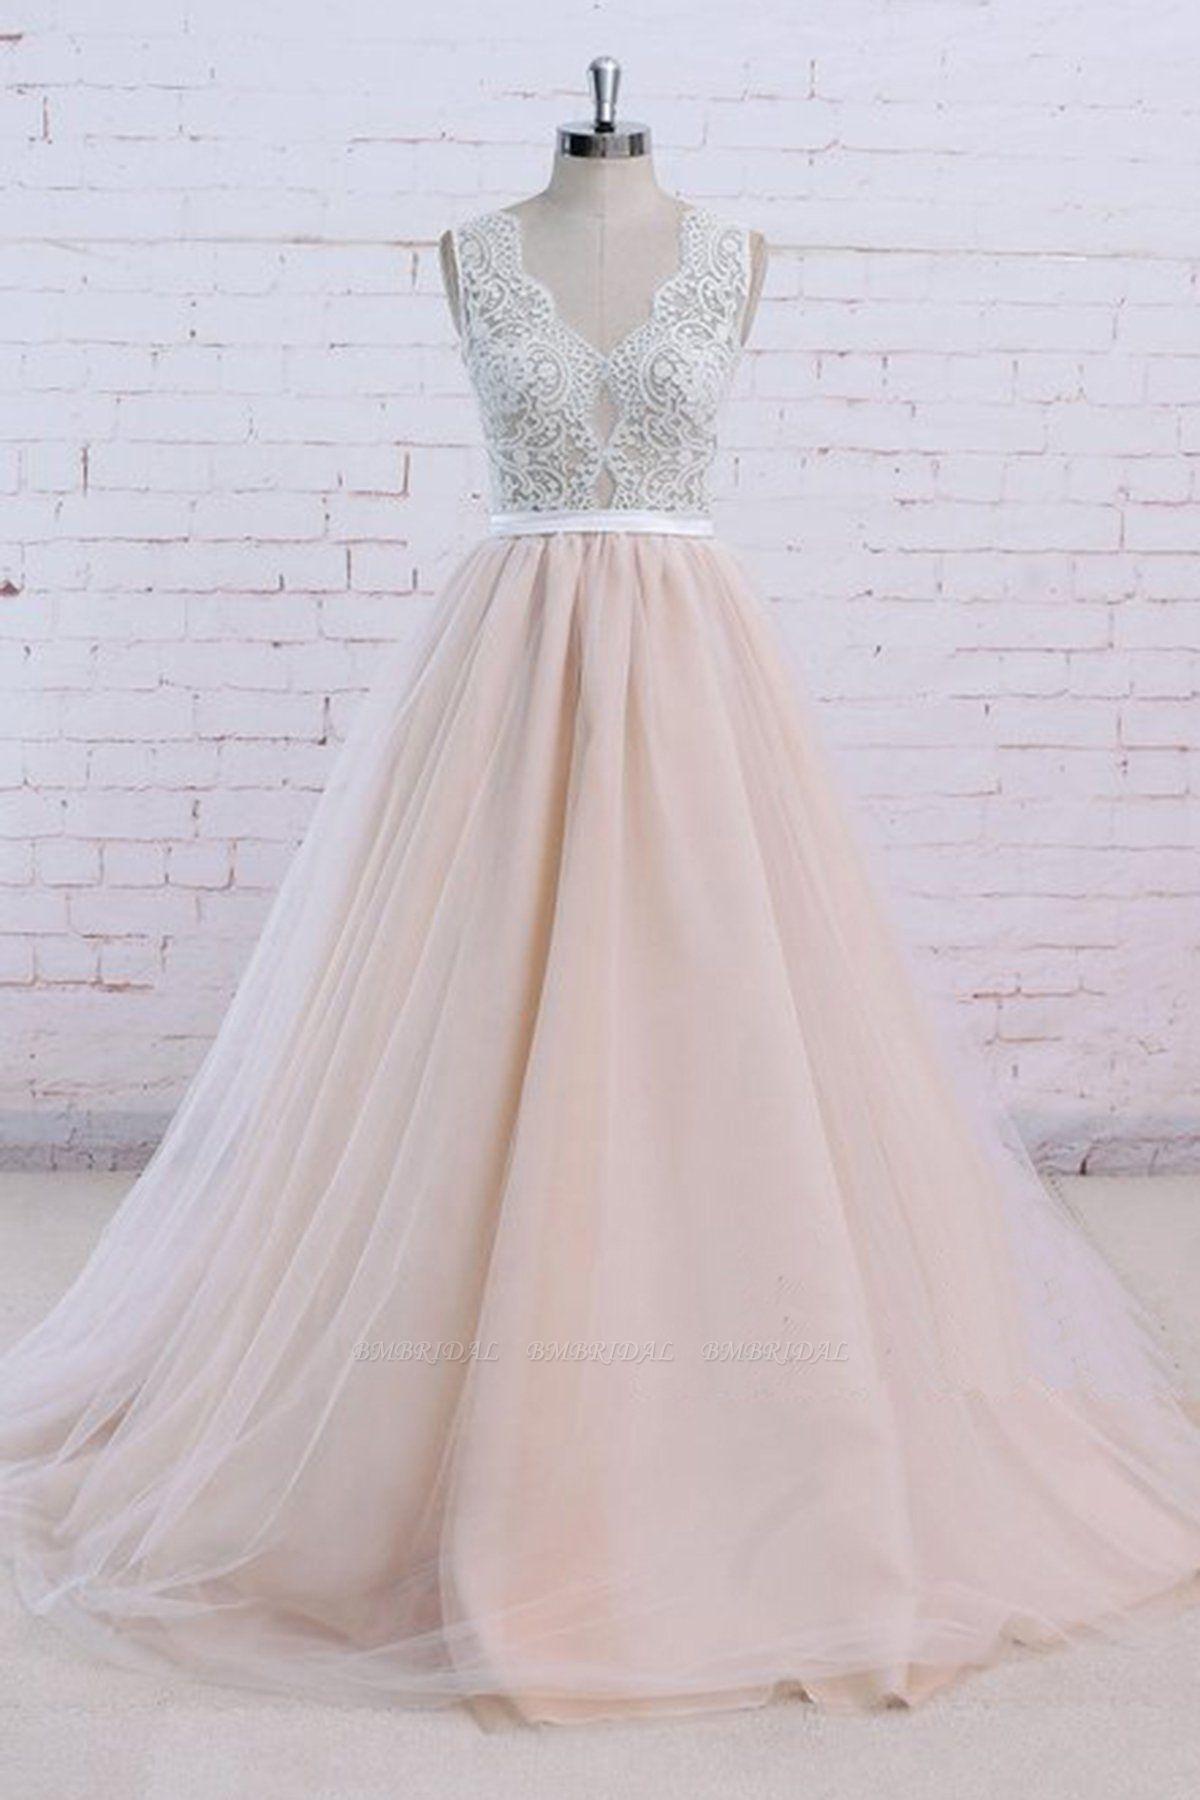 AffordableBlush Pink Tulle Wedding Dress Ivory Lace V-Neck Vintage Bridal Gowns On Sale